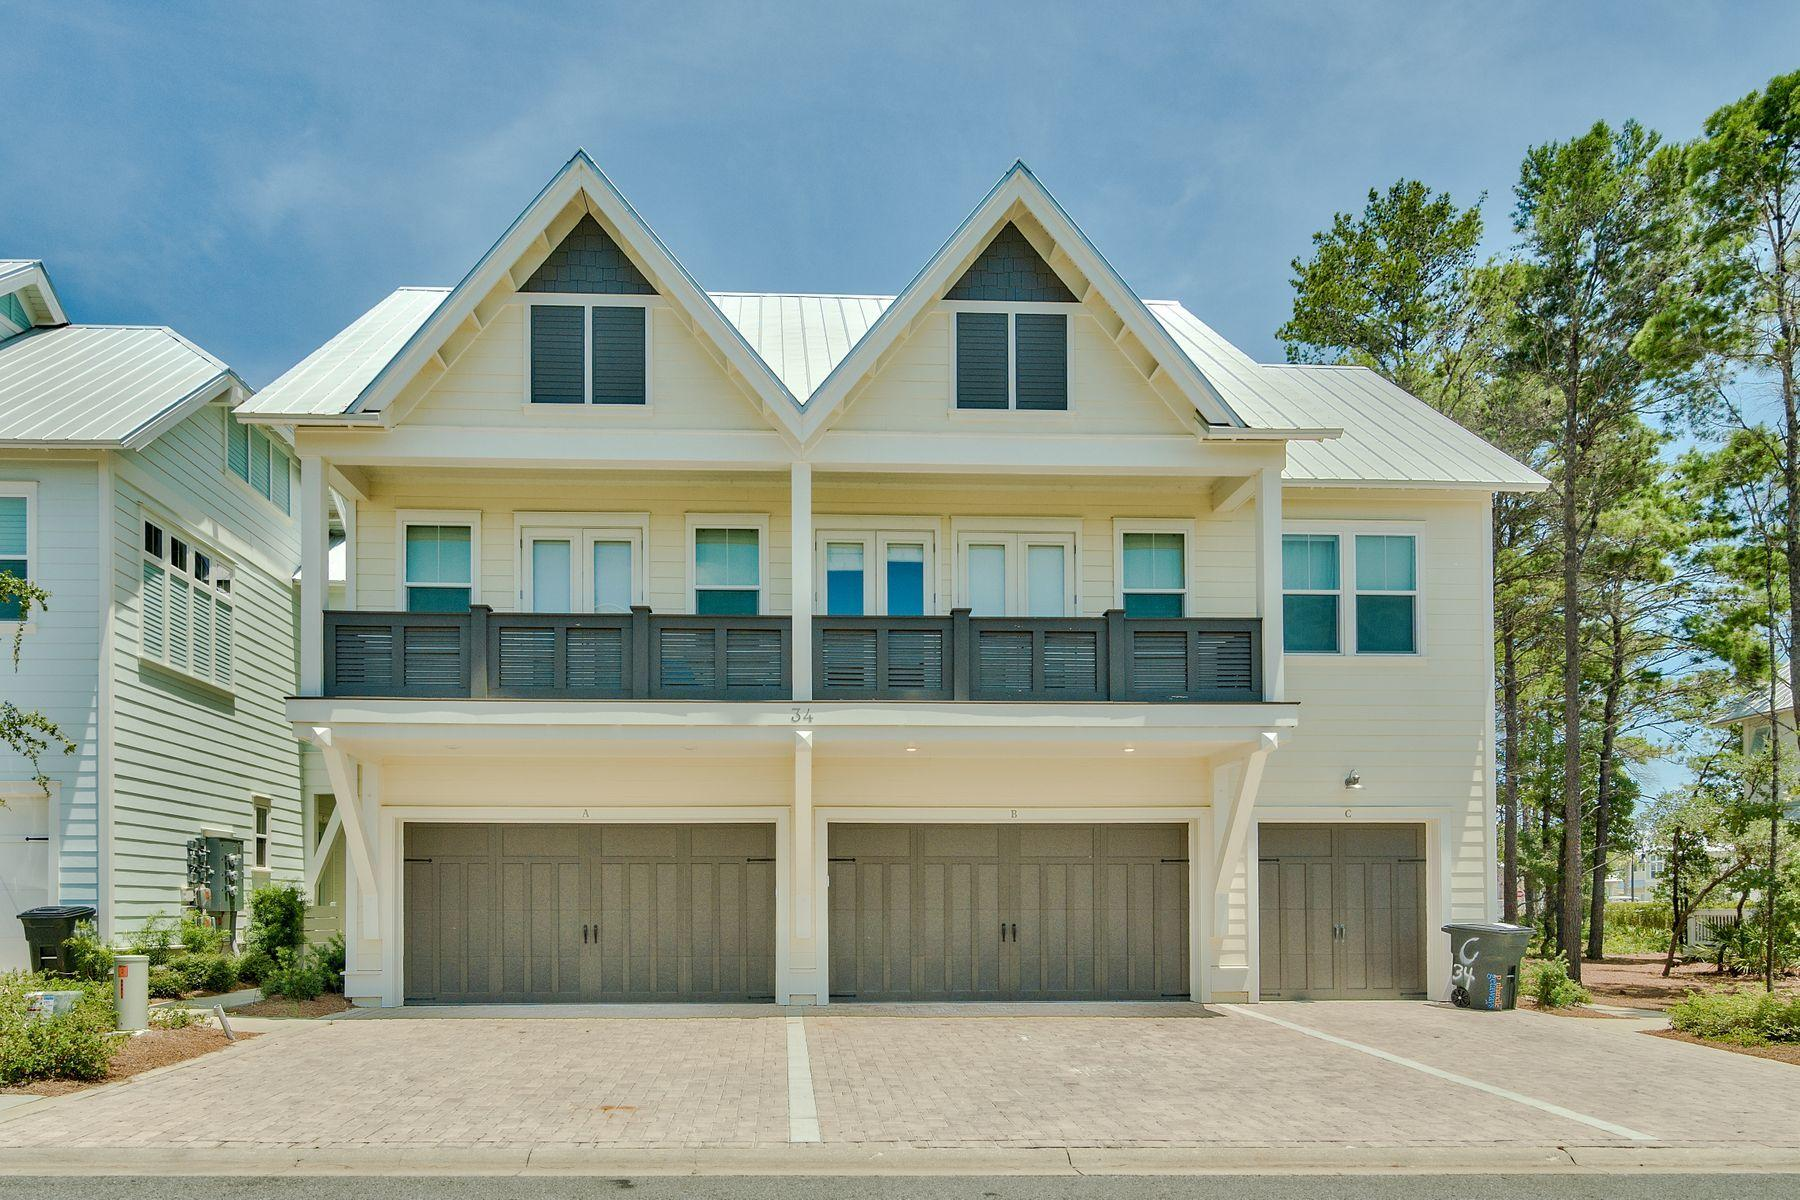 Photo of home for sale at 34 Pine Lands Loop, Seacrest FL